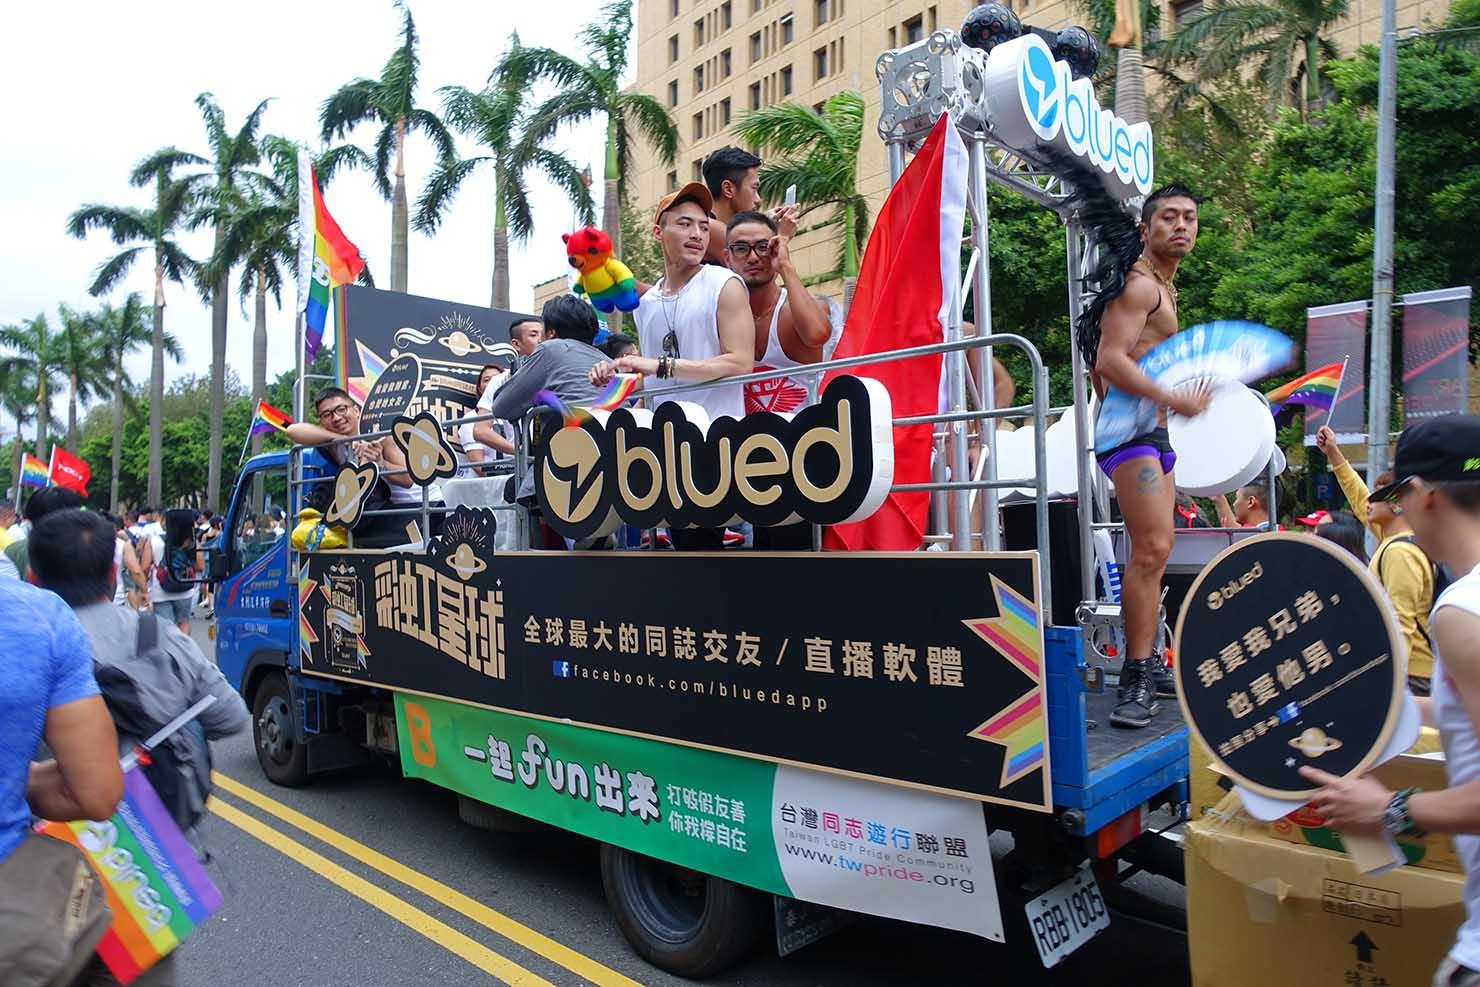 2016台灣同志遊行に登場したパレードカー(撮影:Kazuki Mae)